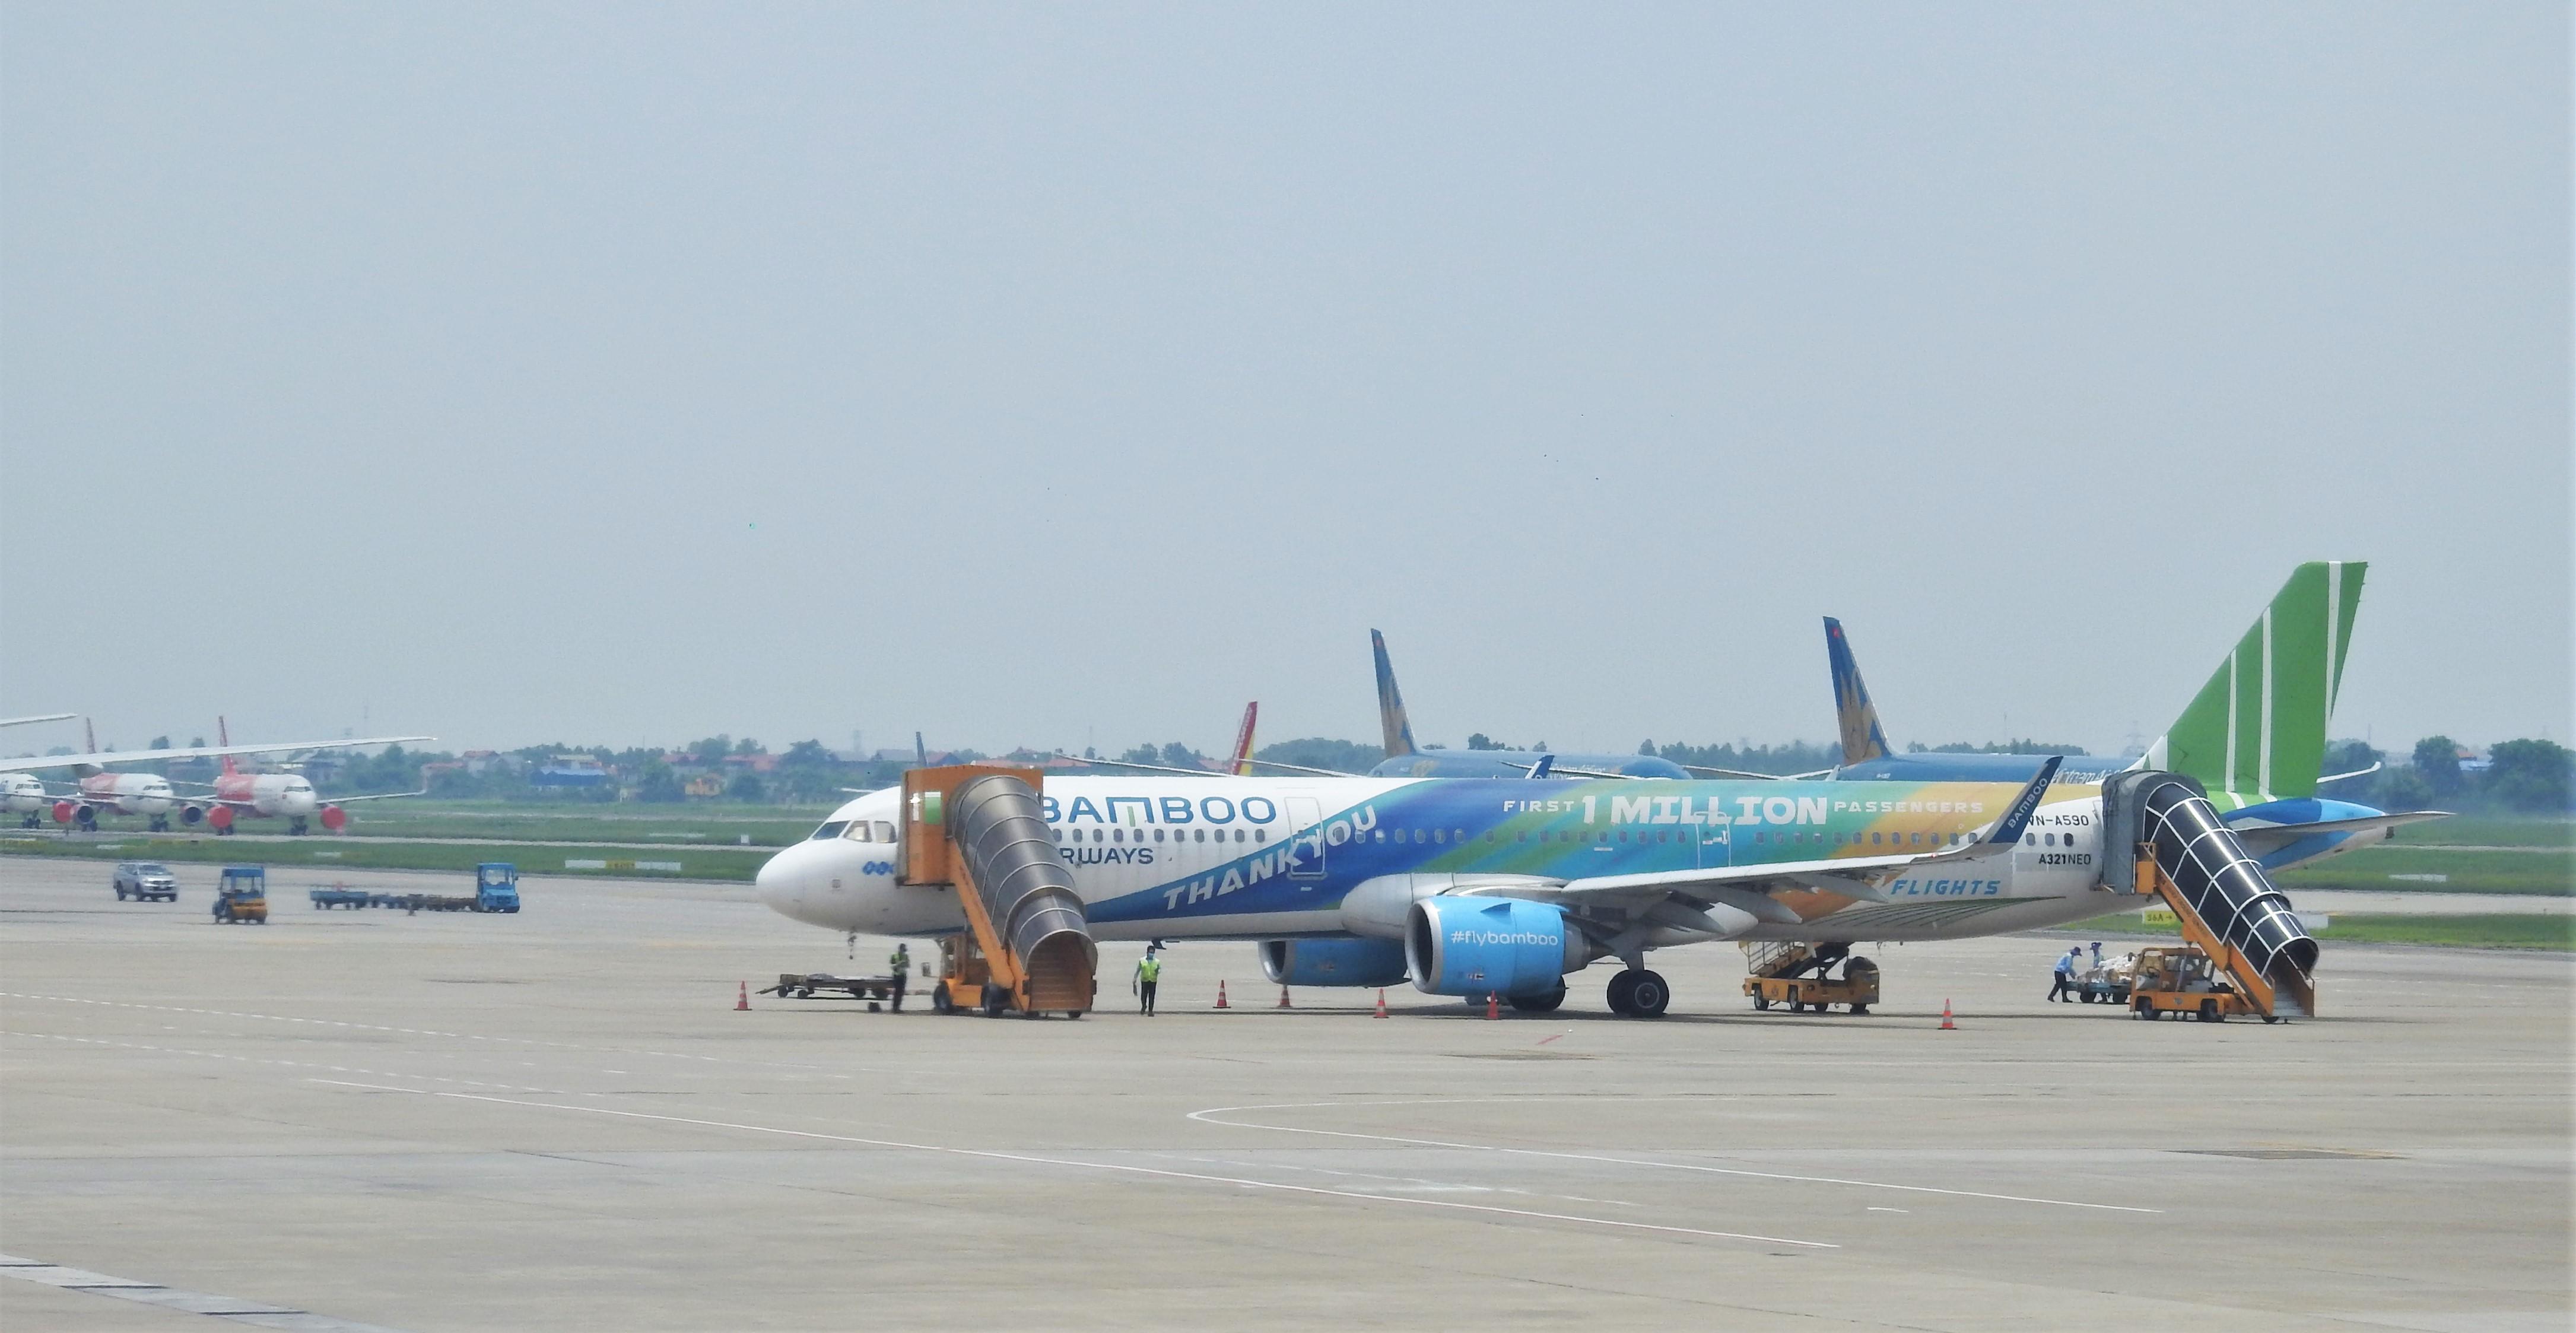 Nhiều biến động lớn trong ngành hàng không hai tháng đầu năm - Ảnh 5.